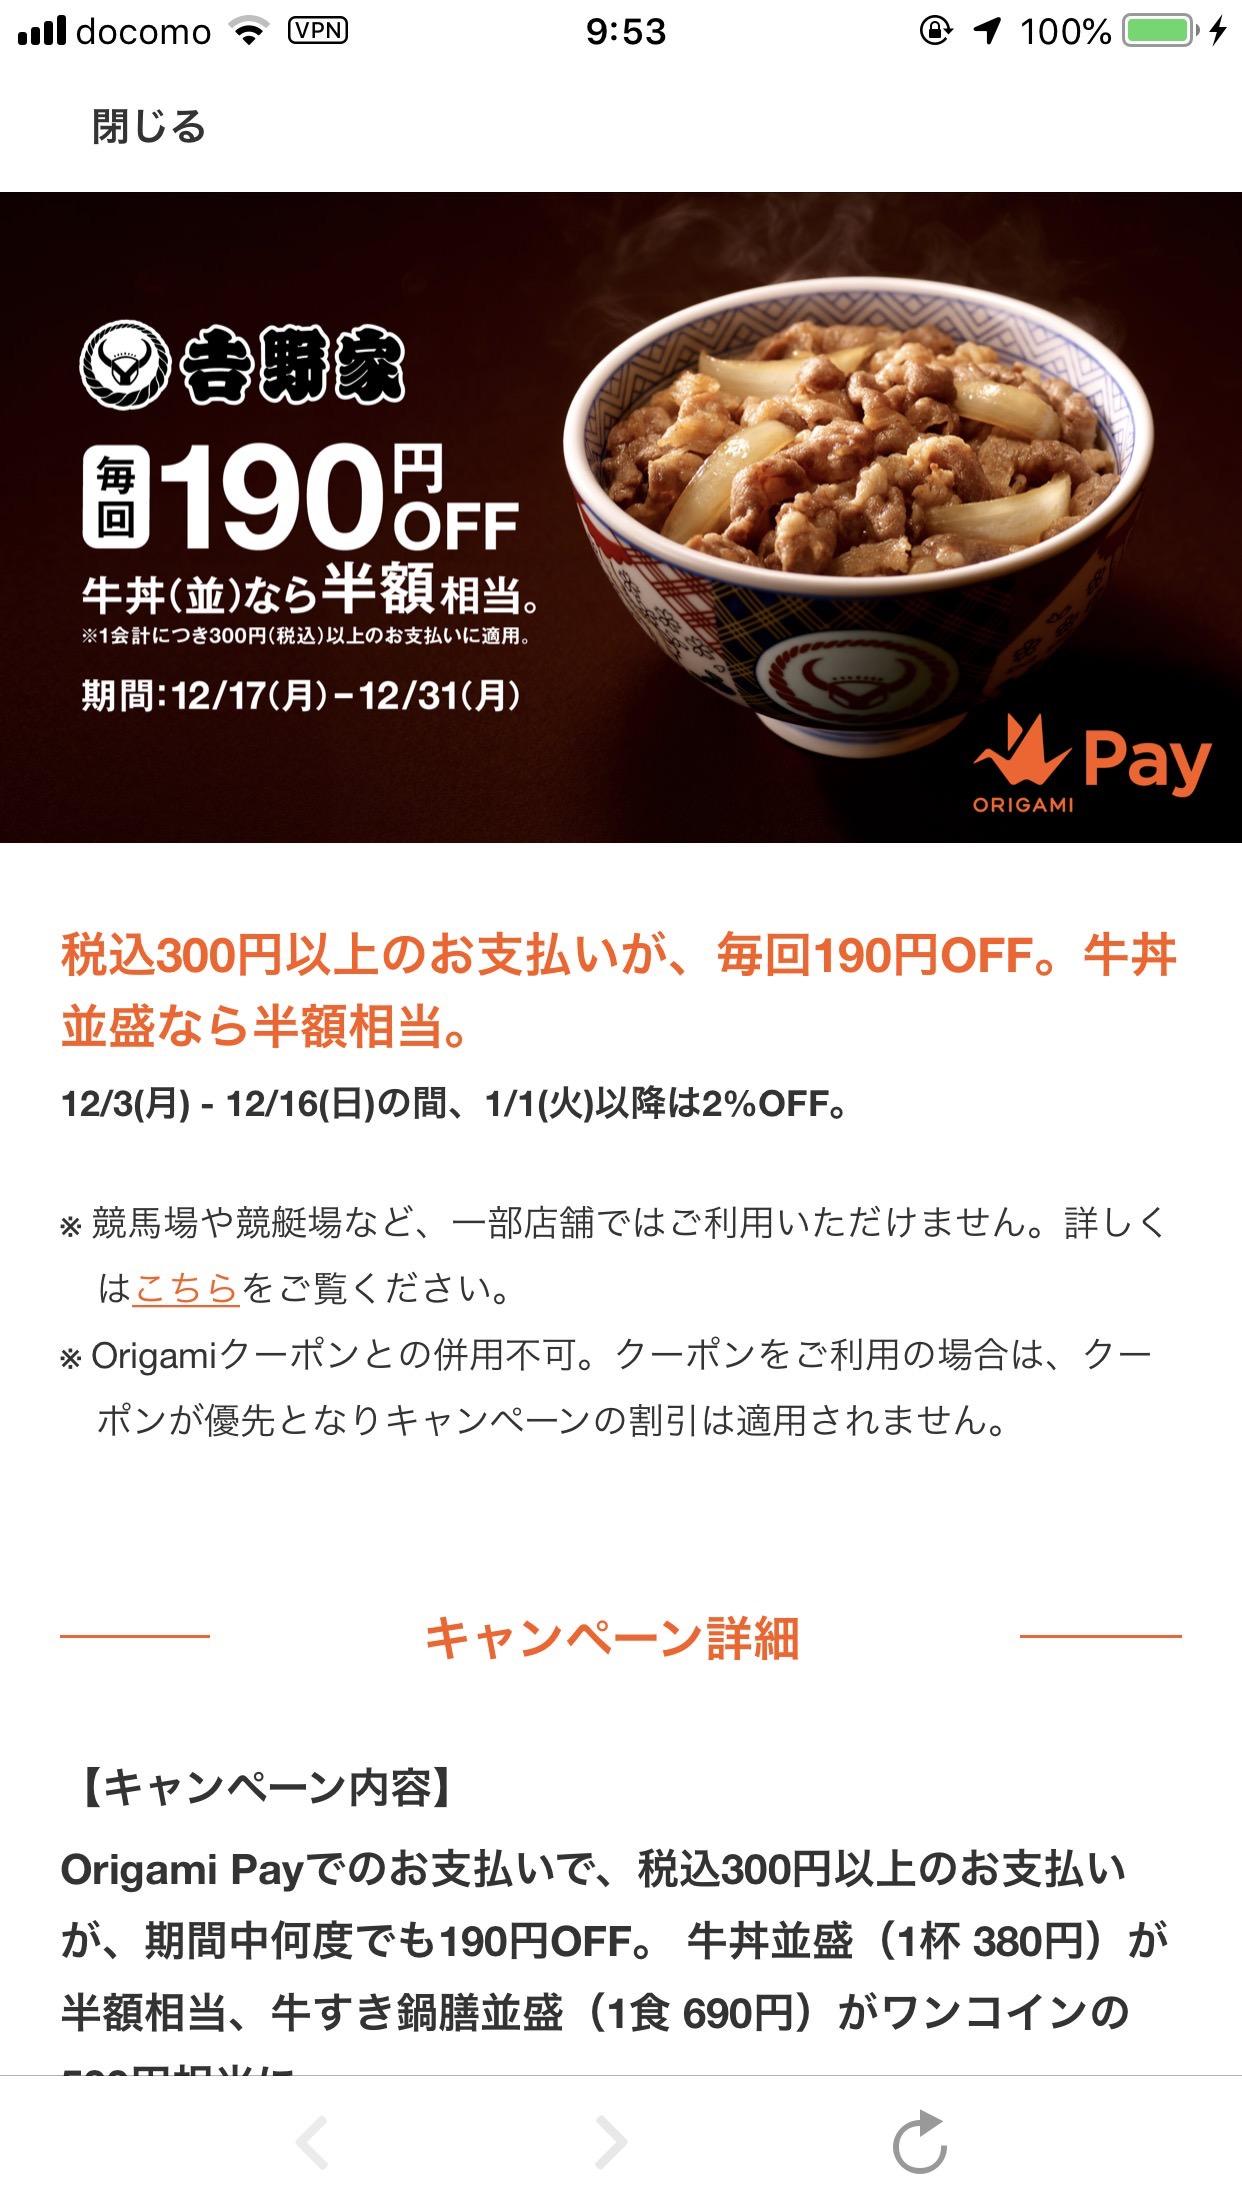 【オリガミペイ】吉野家の牛丼が毎回190円オフになるキャンペーン実施(12/31まで)